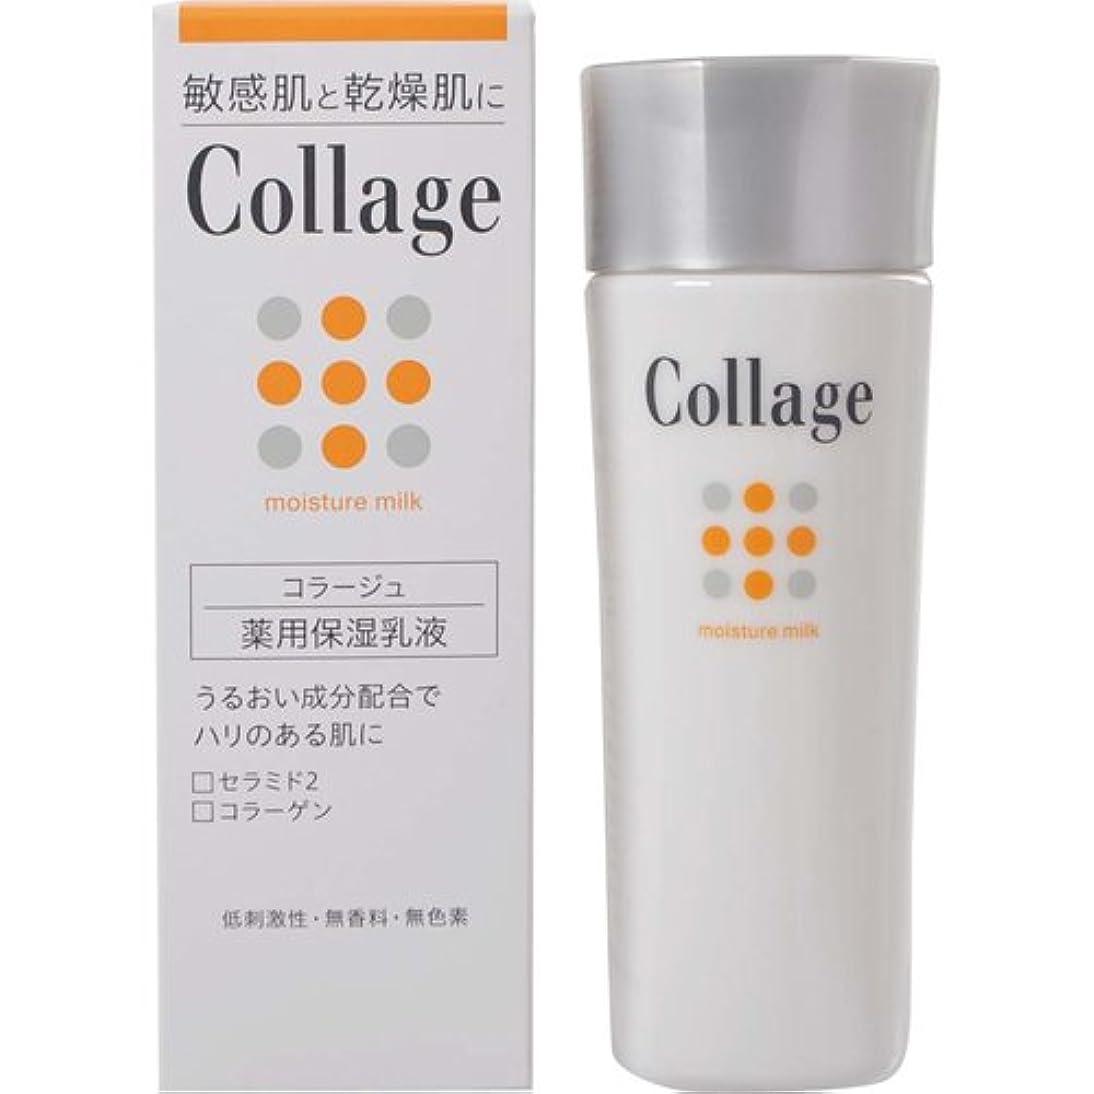 ヘロインランチョンなるコラージュ 薬用保湿乳液 80mL 【医薬部外品】